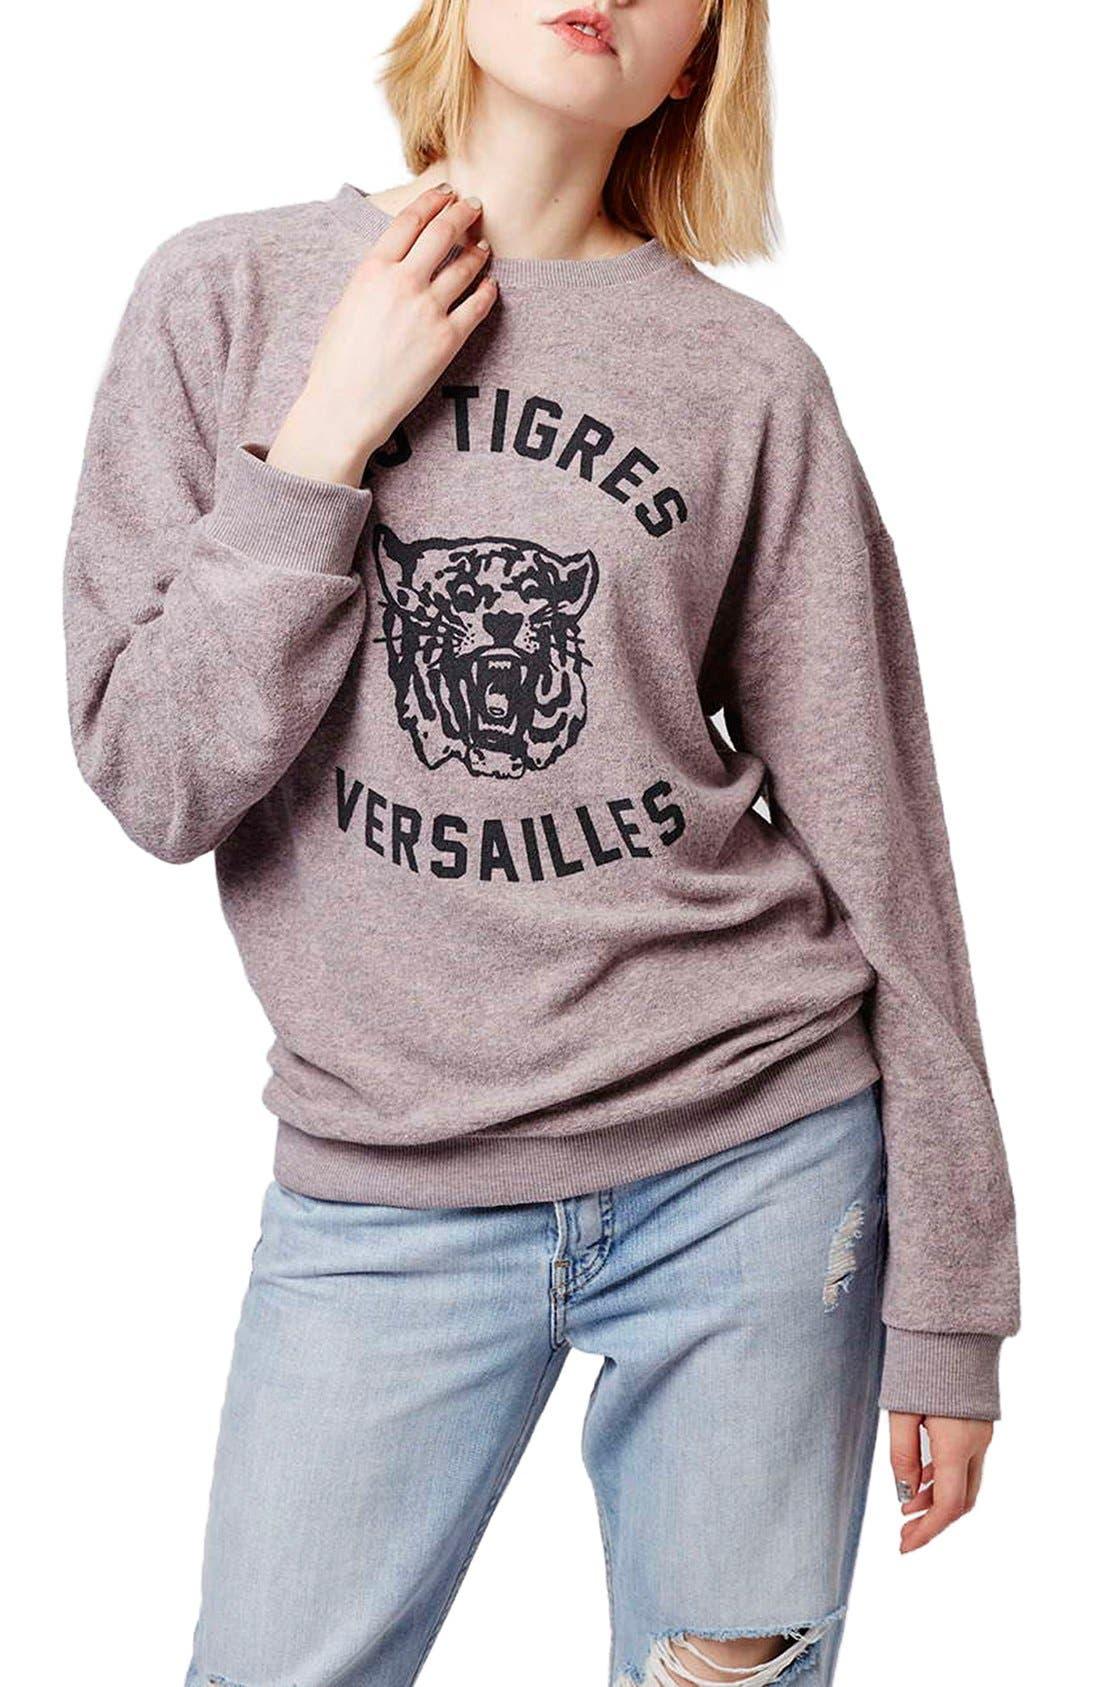 Alternate Image 1 Selected - Topshop 'Versailles' Sweatshirt